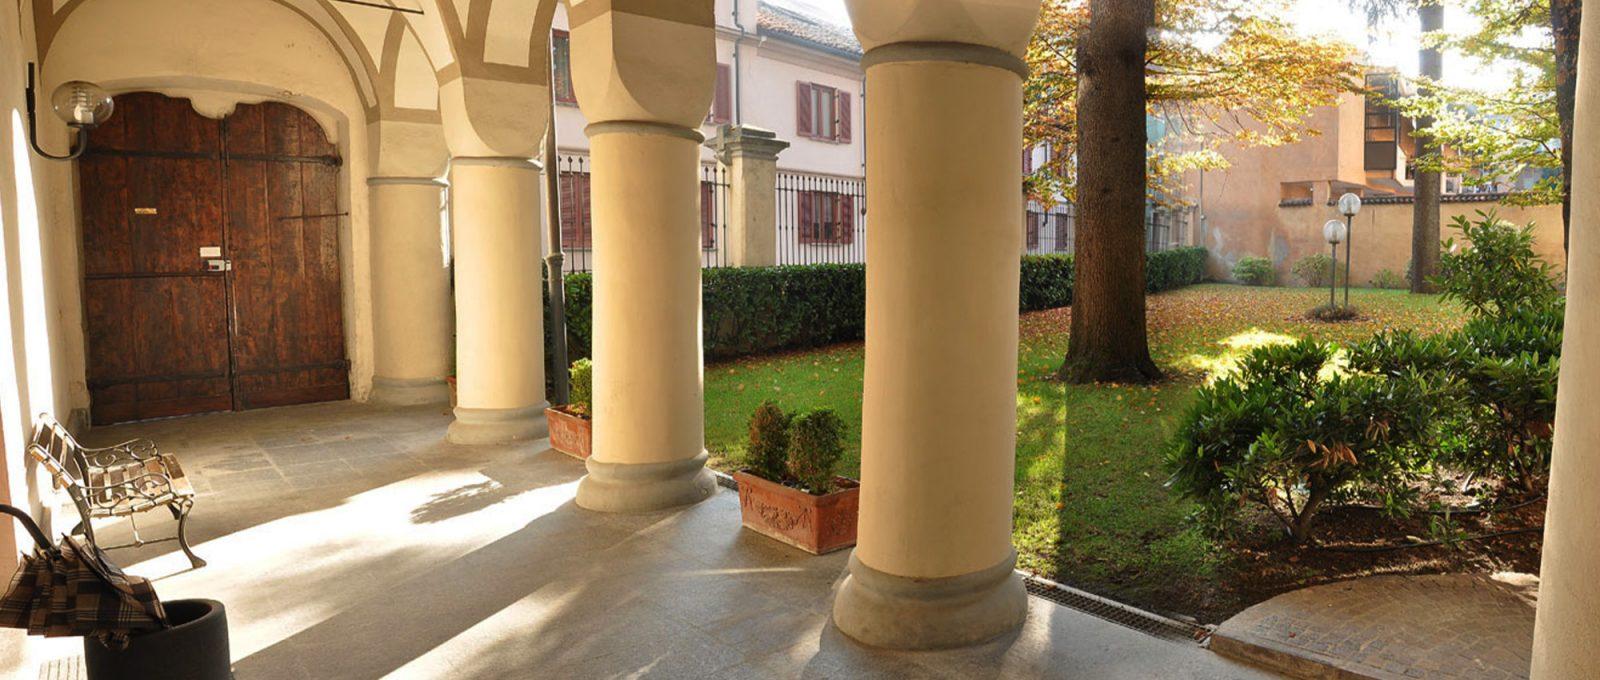 Studio Anna Cane | Architettura e Interior Design | Alba